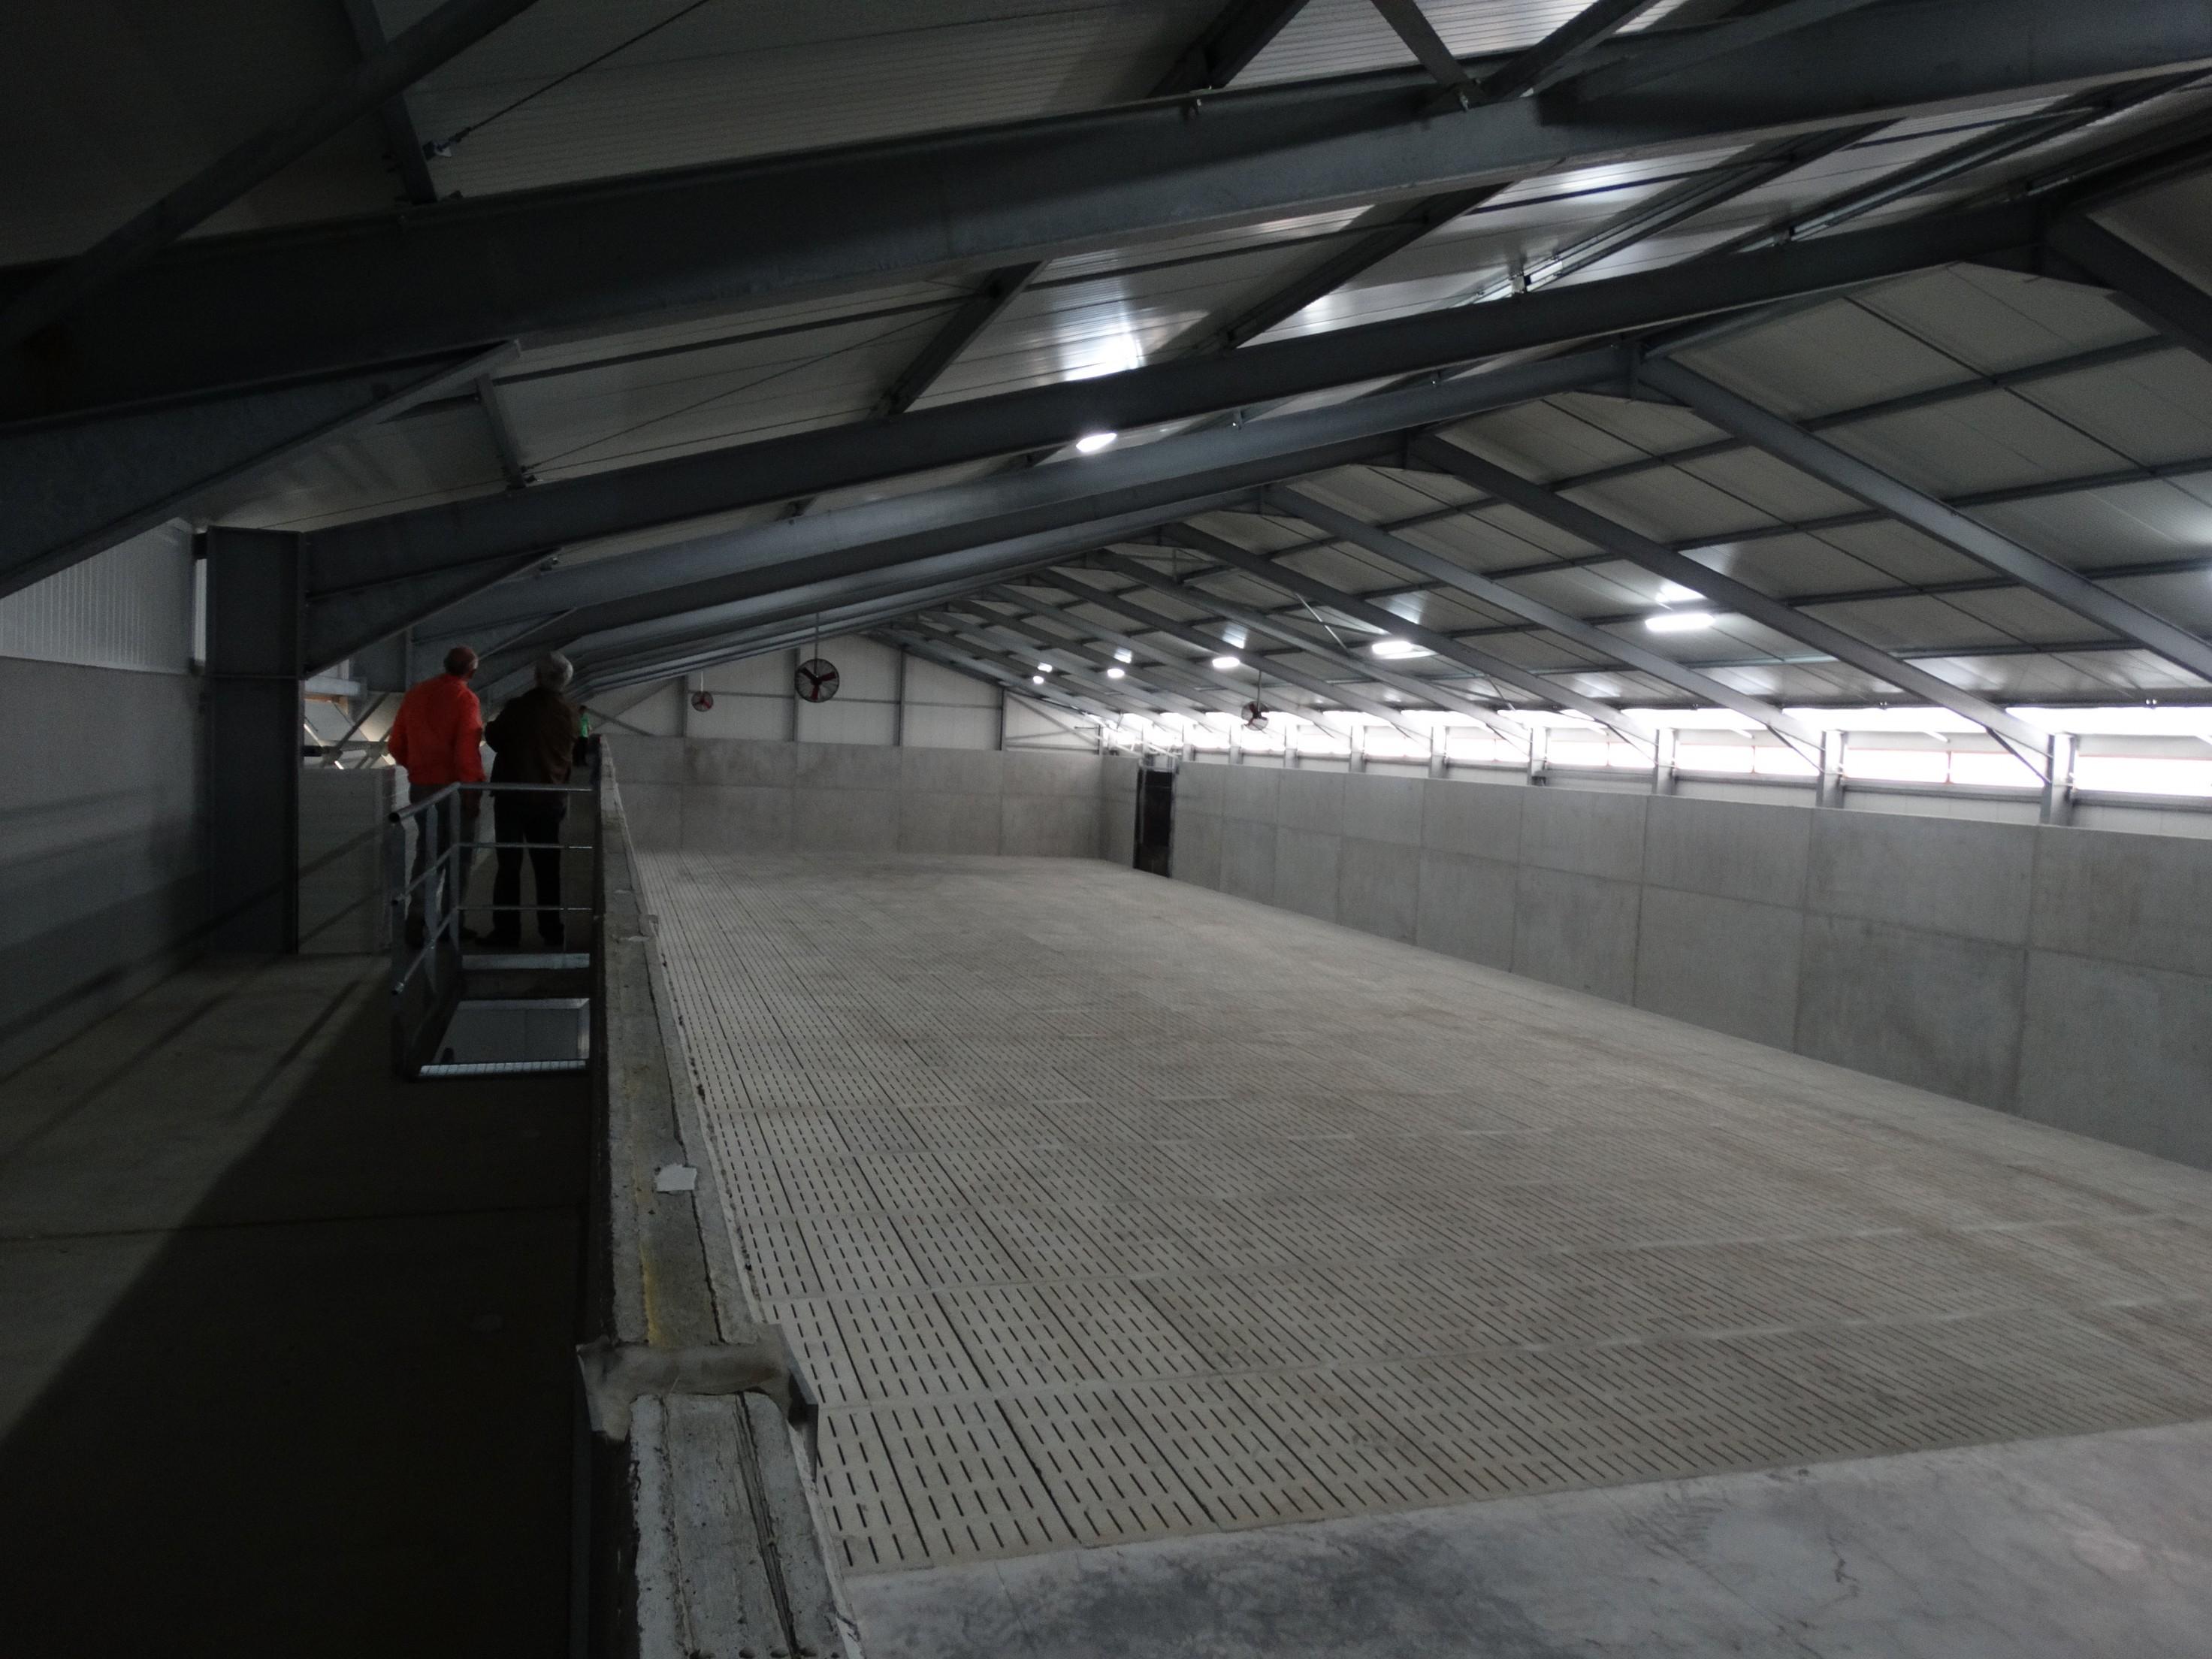 lefevre-Rosseignies-aardappelloods_hangar stockage pommes de terre (11).JPG